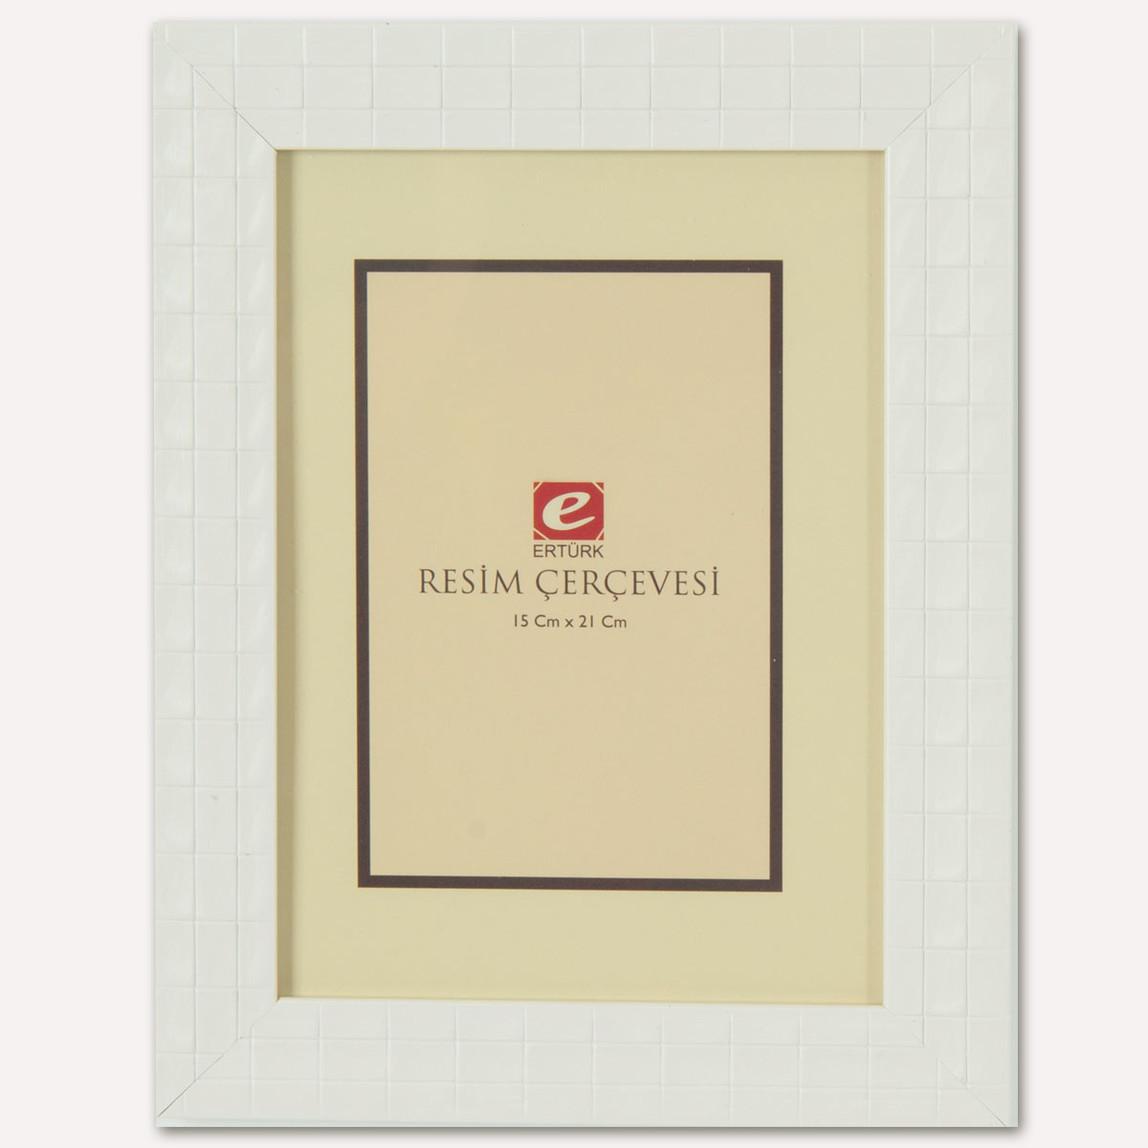 15x21 cm Baklava Desenli Resim Çerçevesi